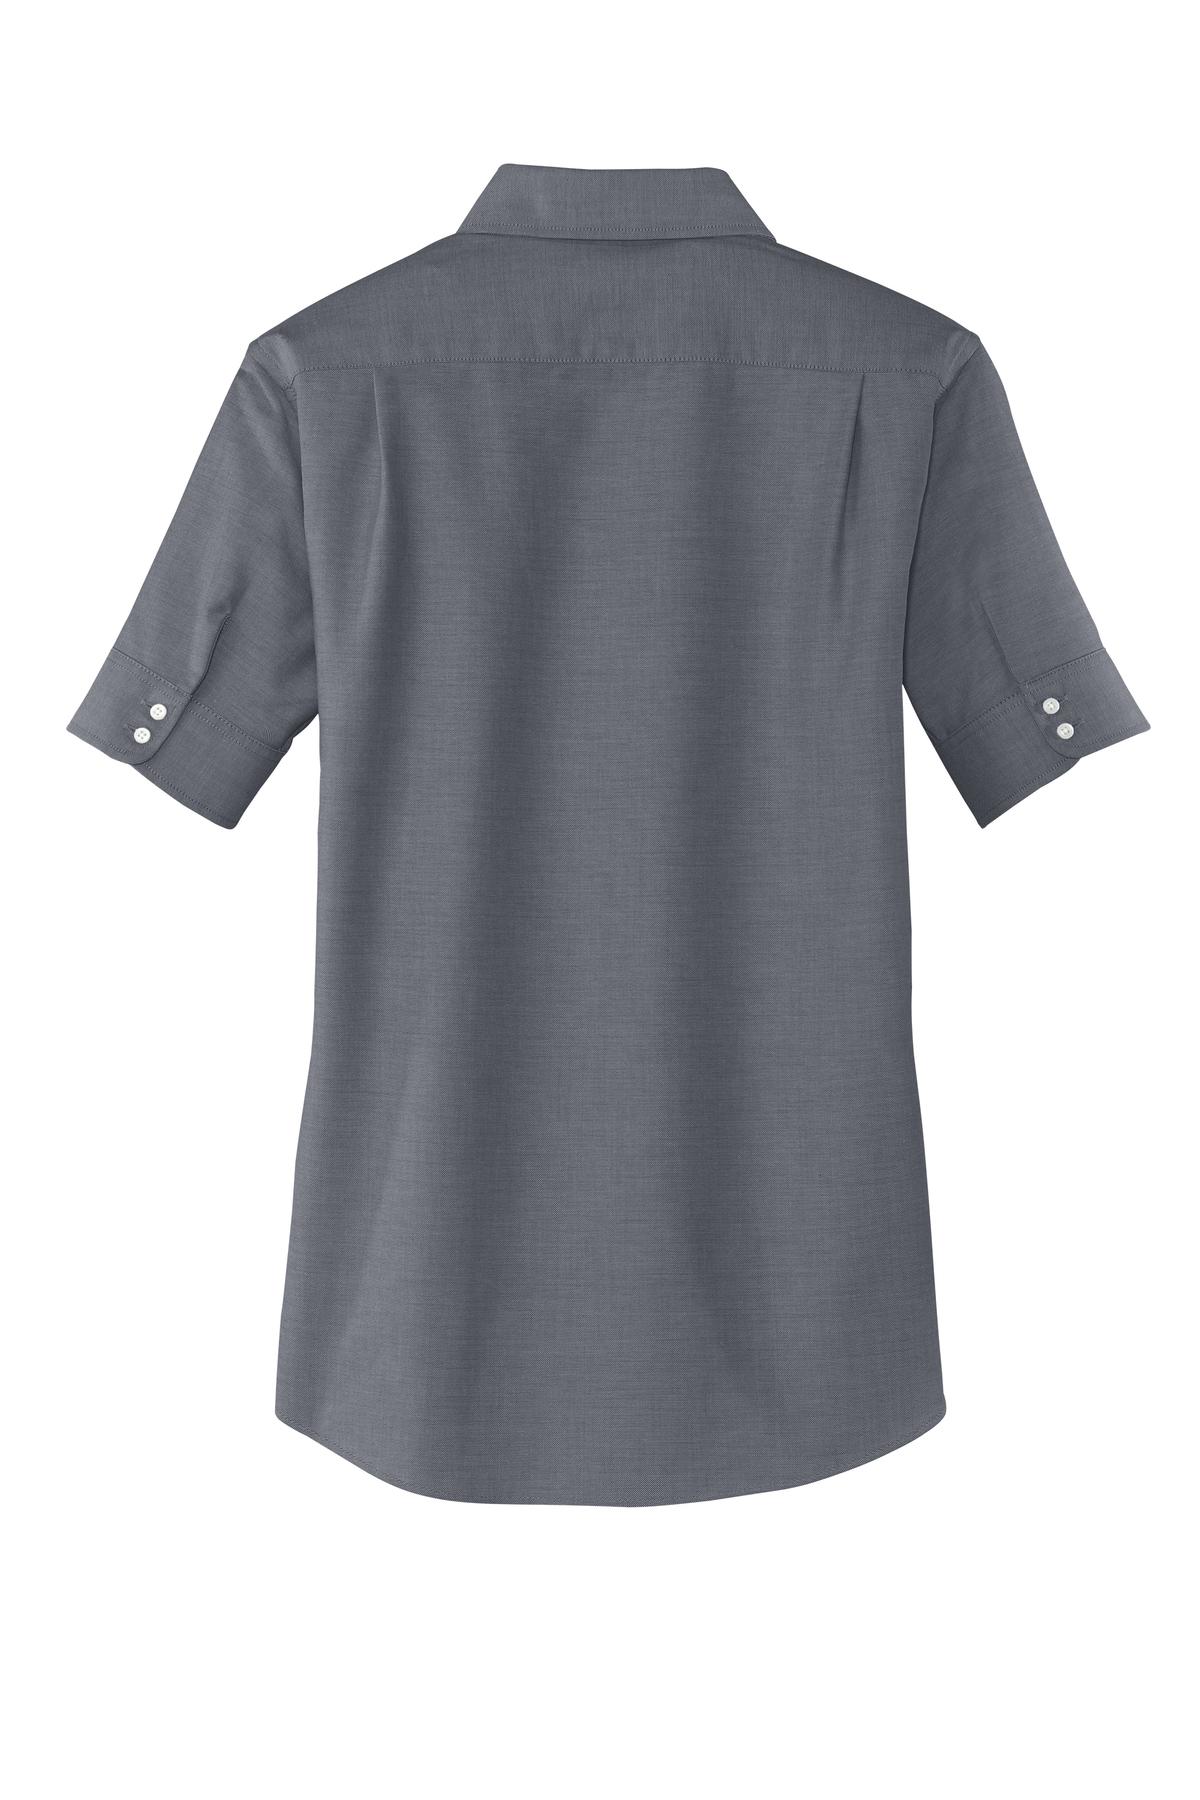 c3e2018dc66 Port Authority® Ladies Short Sleeve SuperPro™ Oxford Shirt - Concept ...